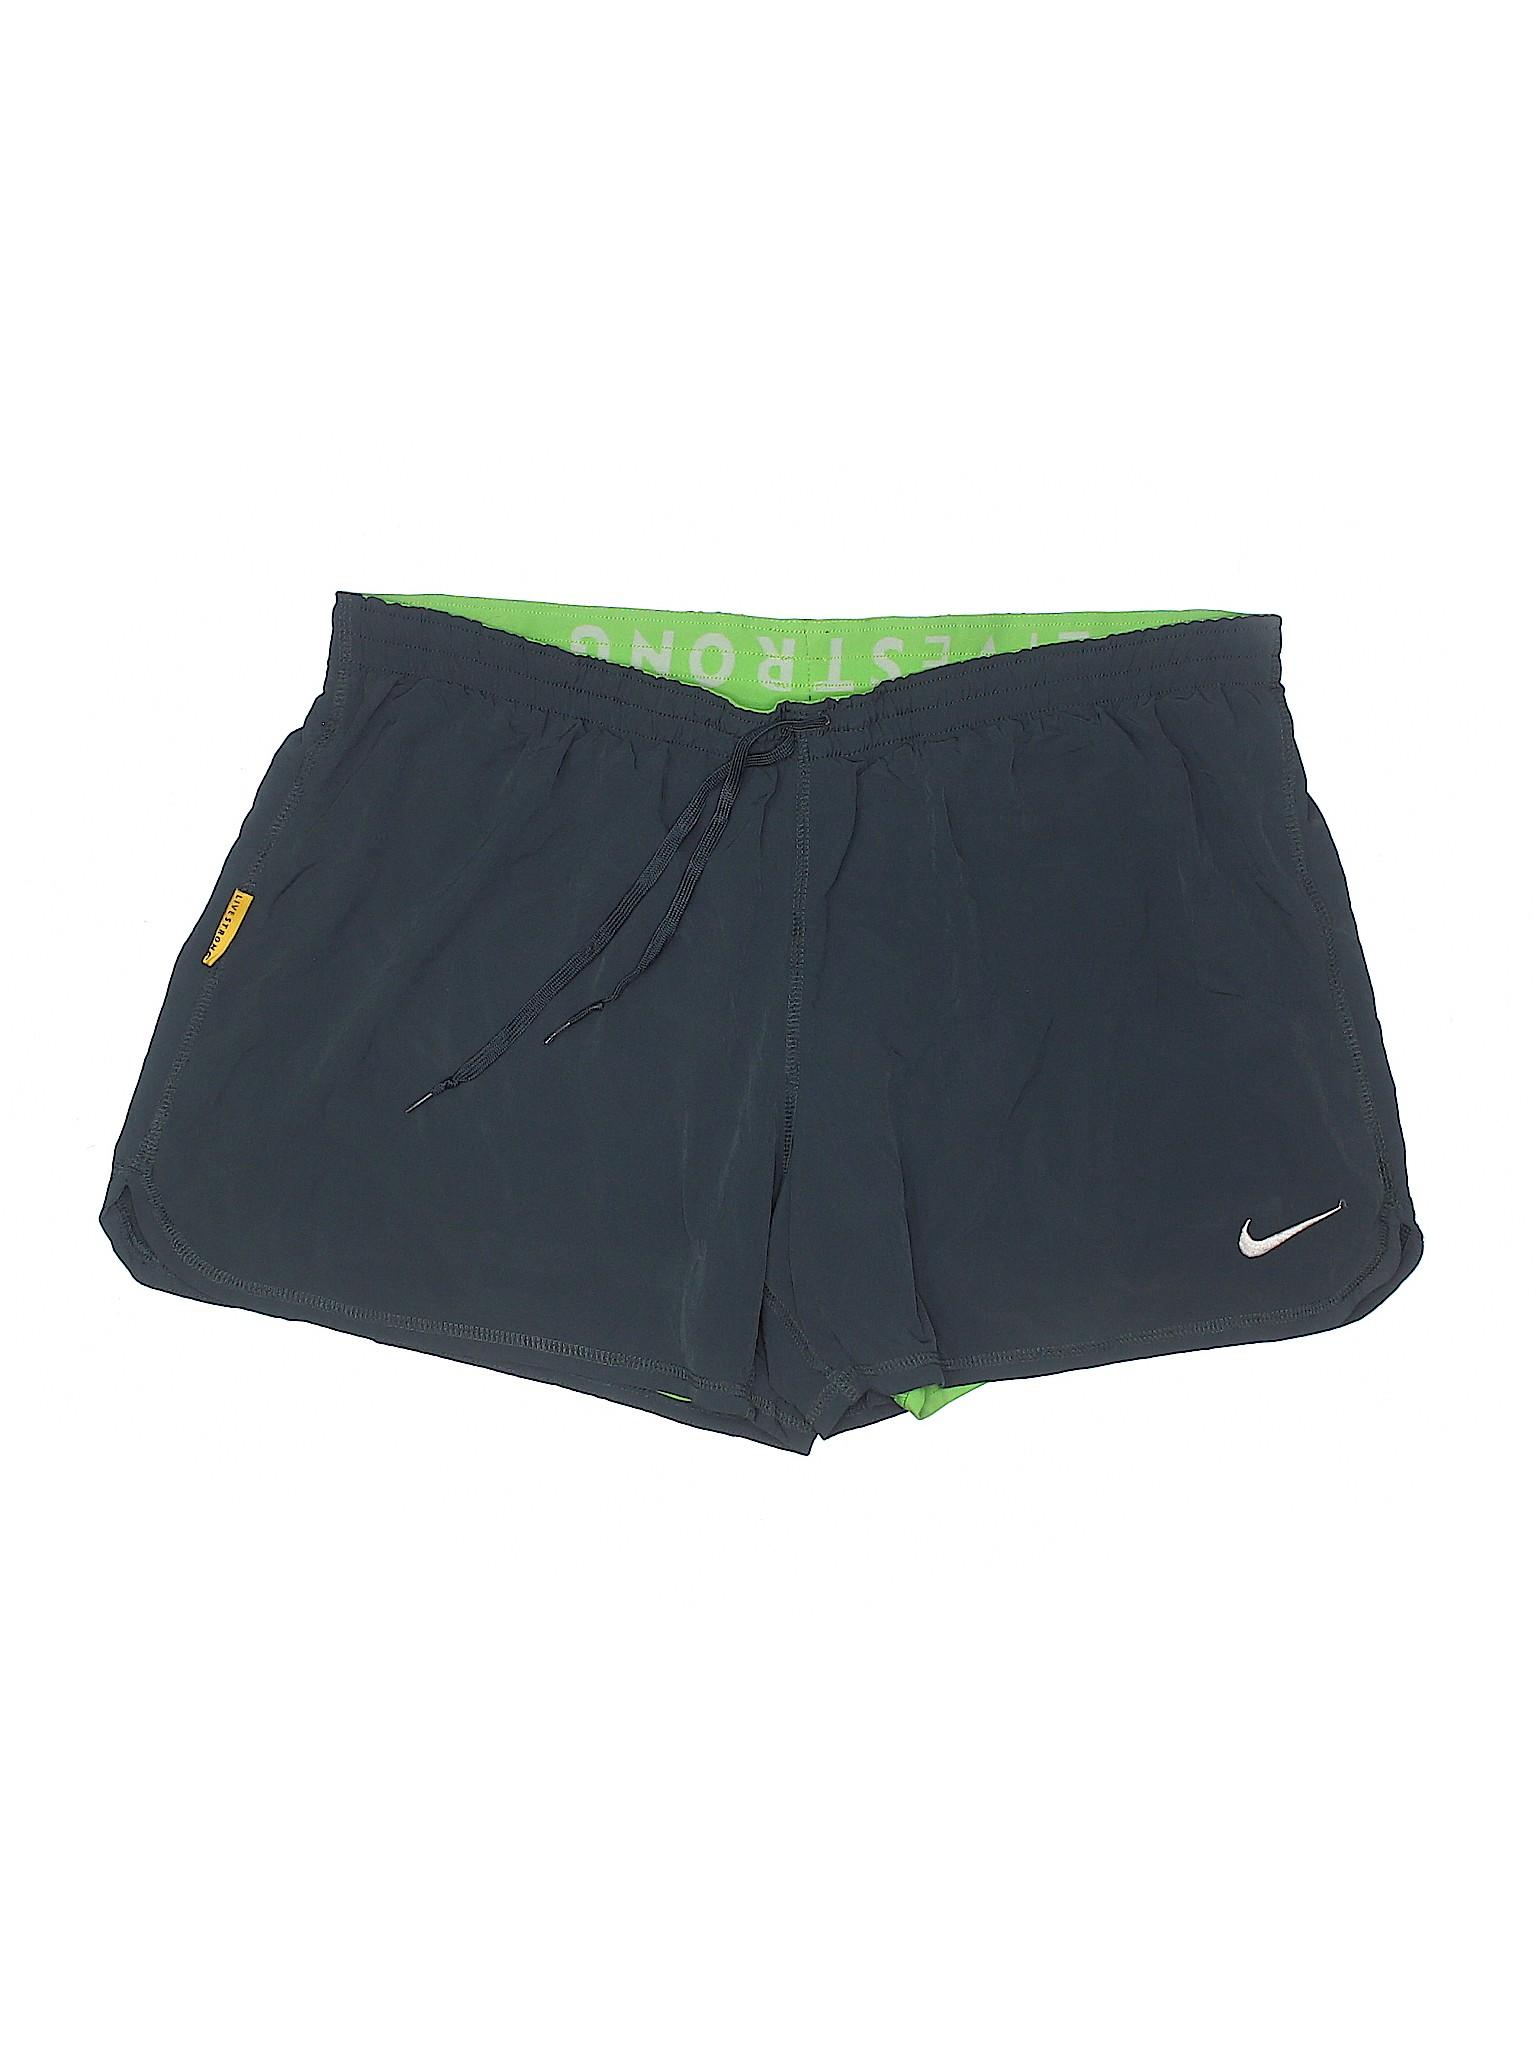 winter winter Leisure Shorts Nike Shorts Athletic Athletic Leisure Nike g5O7xqxw